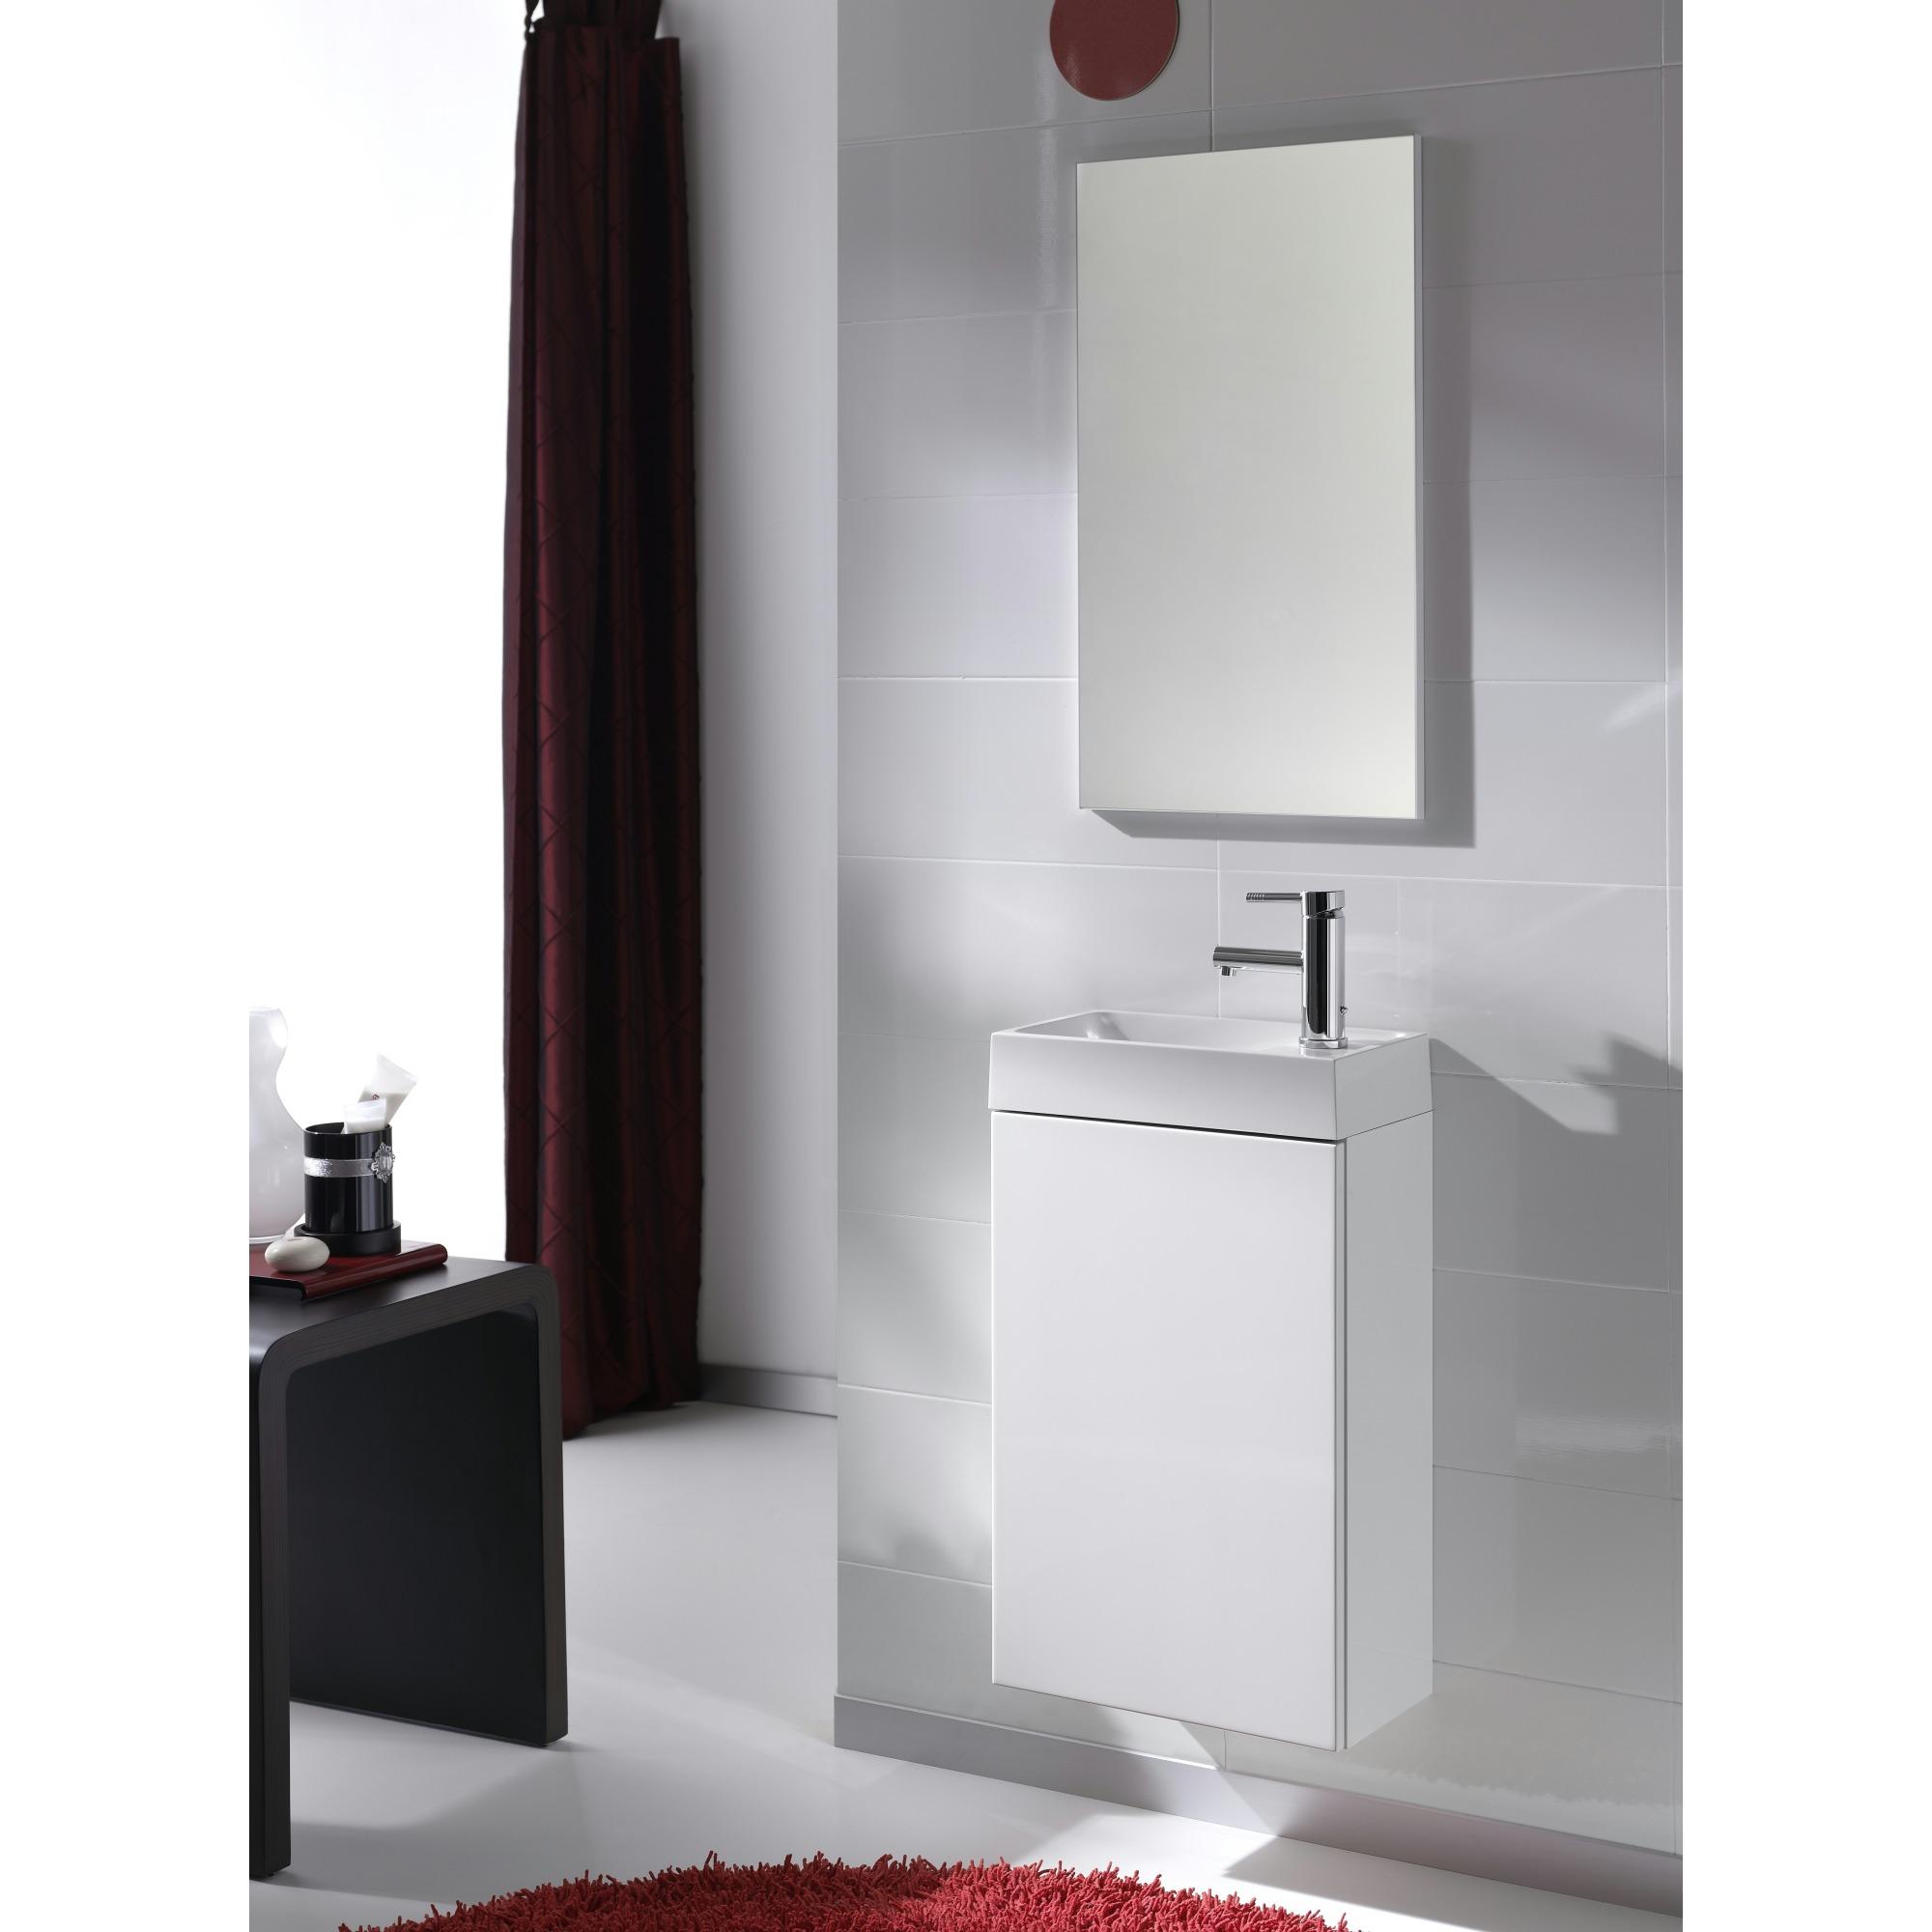 meuble lave mains edin 40 cm blanc meubles salle de bain. Black Bedroom Furniture Sets. Home Design Ideas